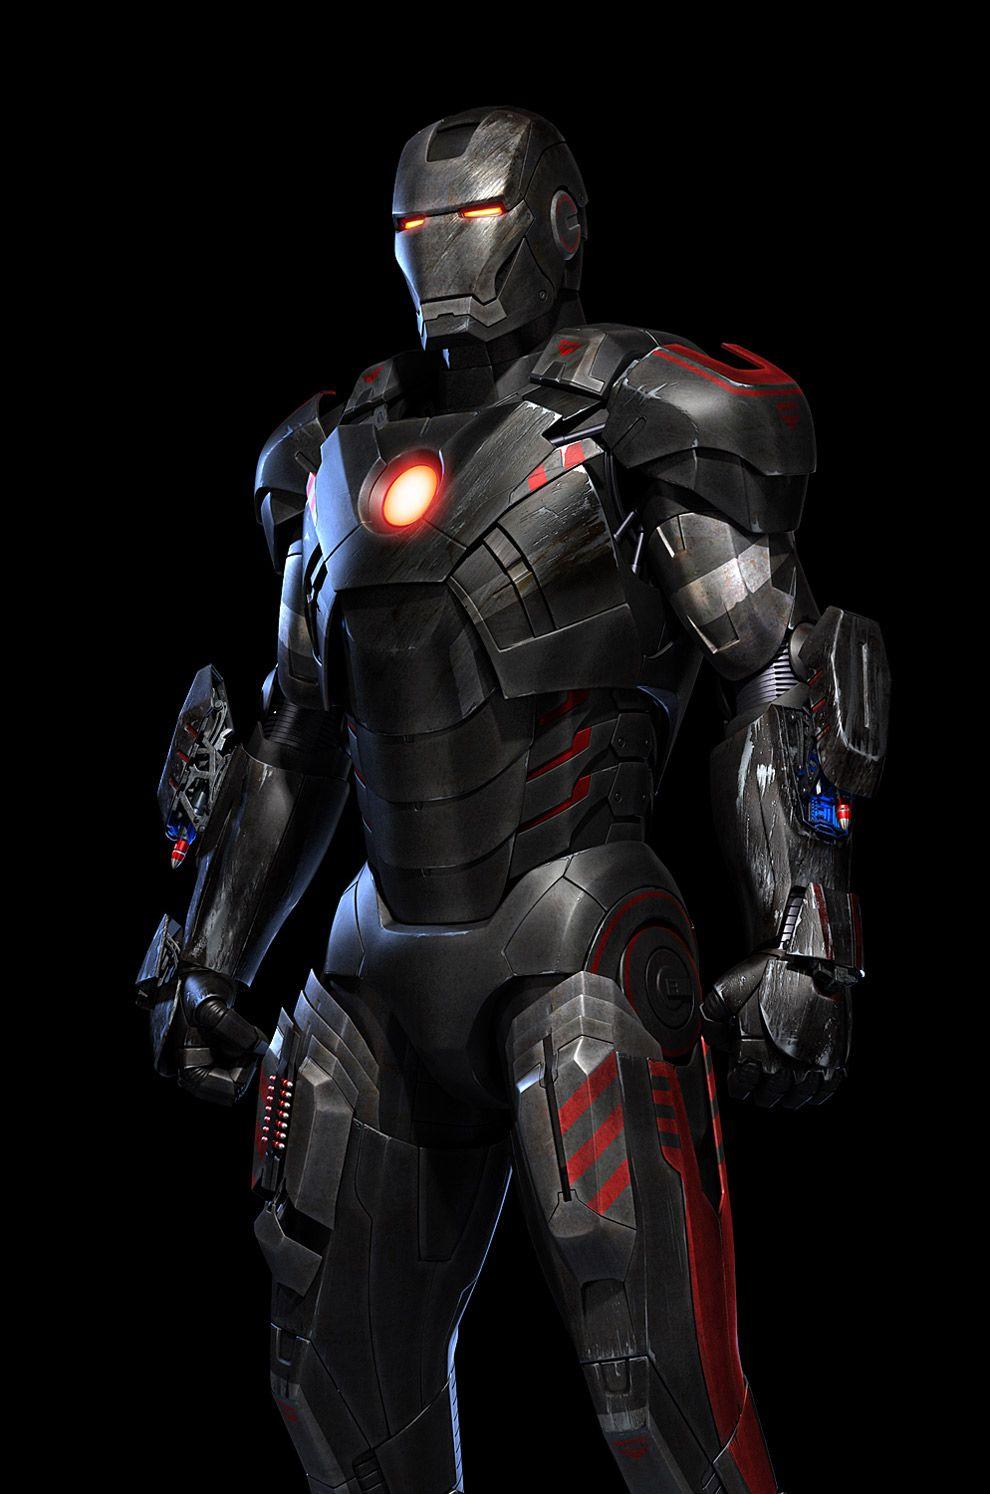 The Dark Iron Man - 3D Fan Art by Liuhaifan